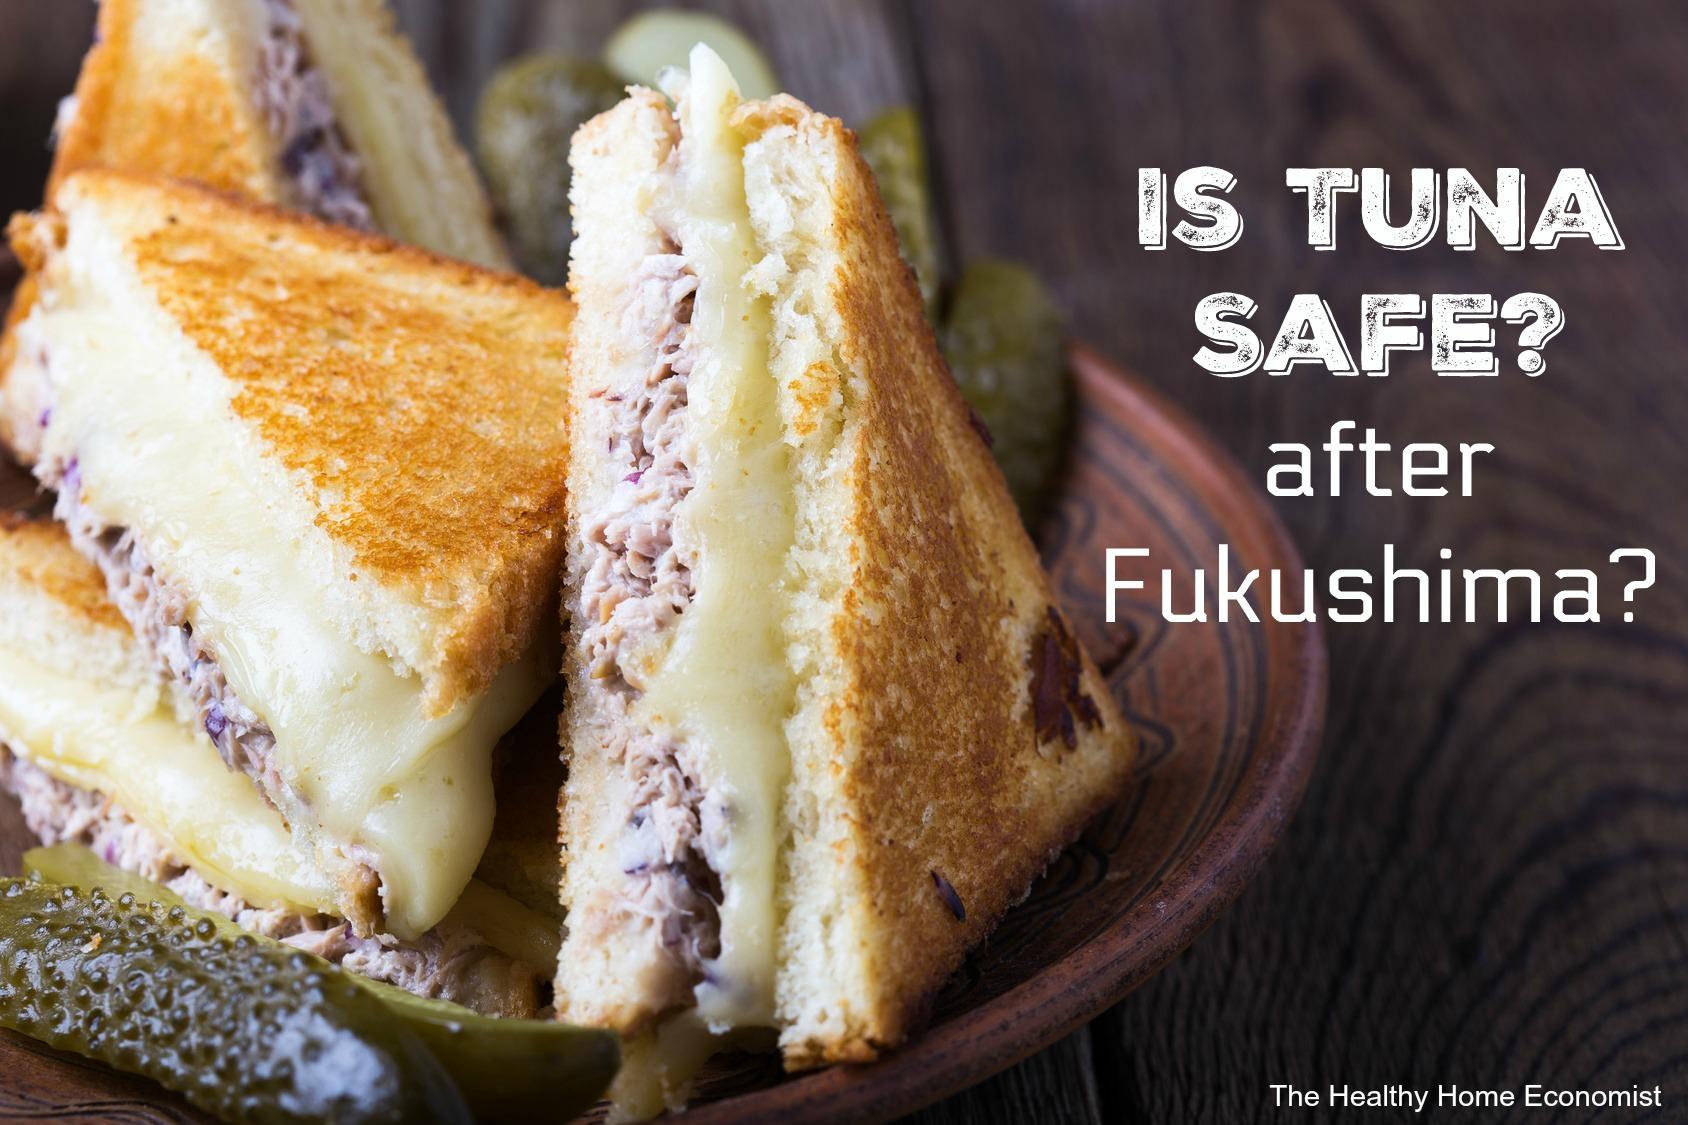 tuna safe after fukushima